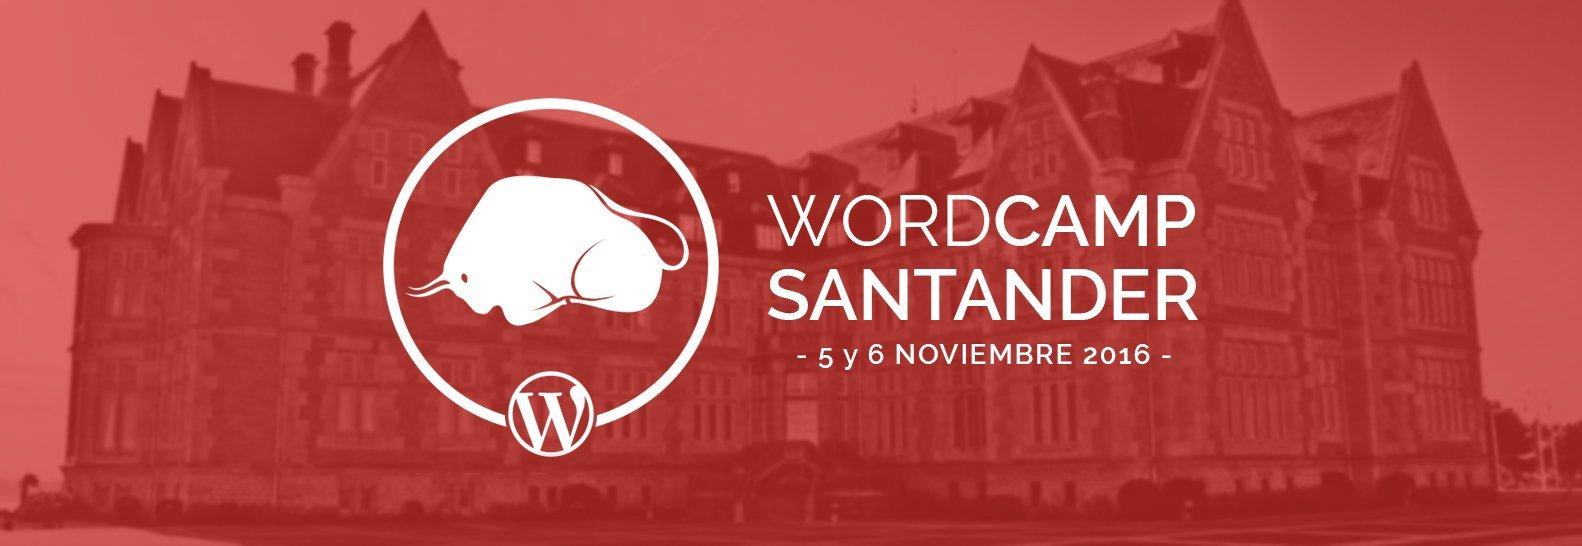 WordCamp Santander 2016 en el Palacio de la Magdalena de Santander